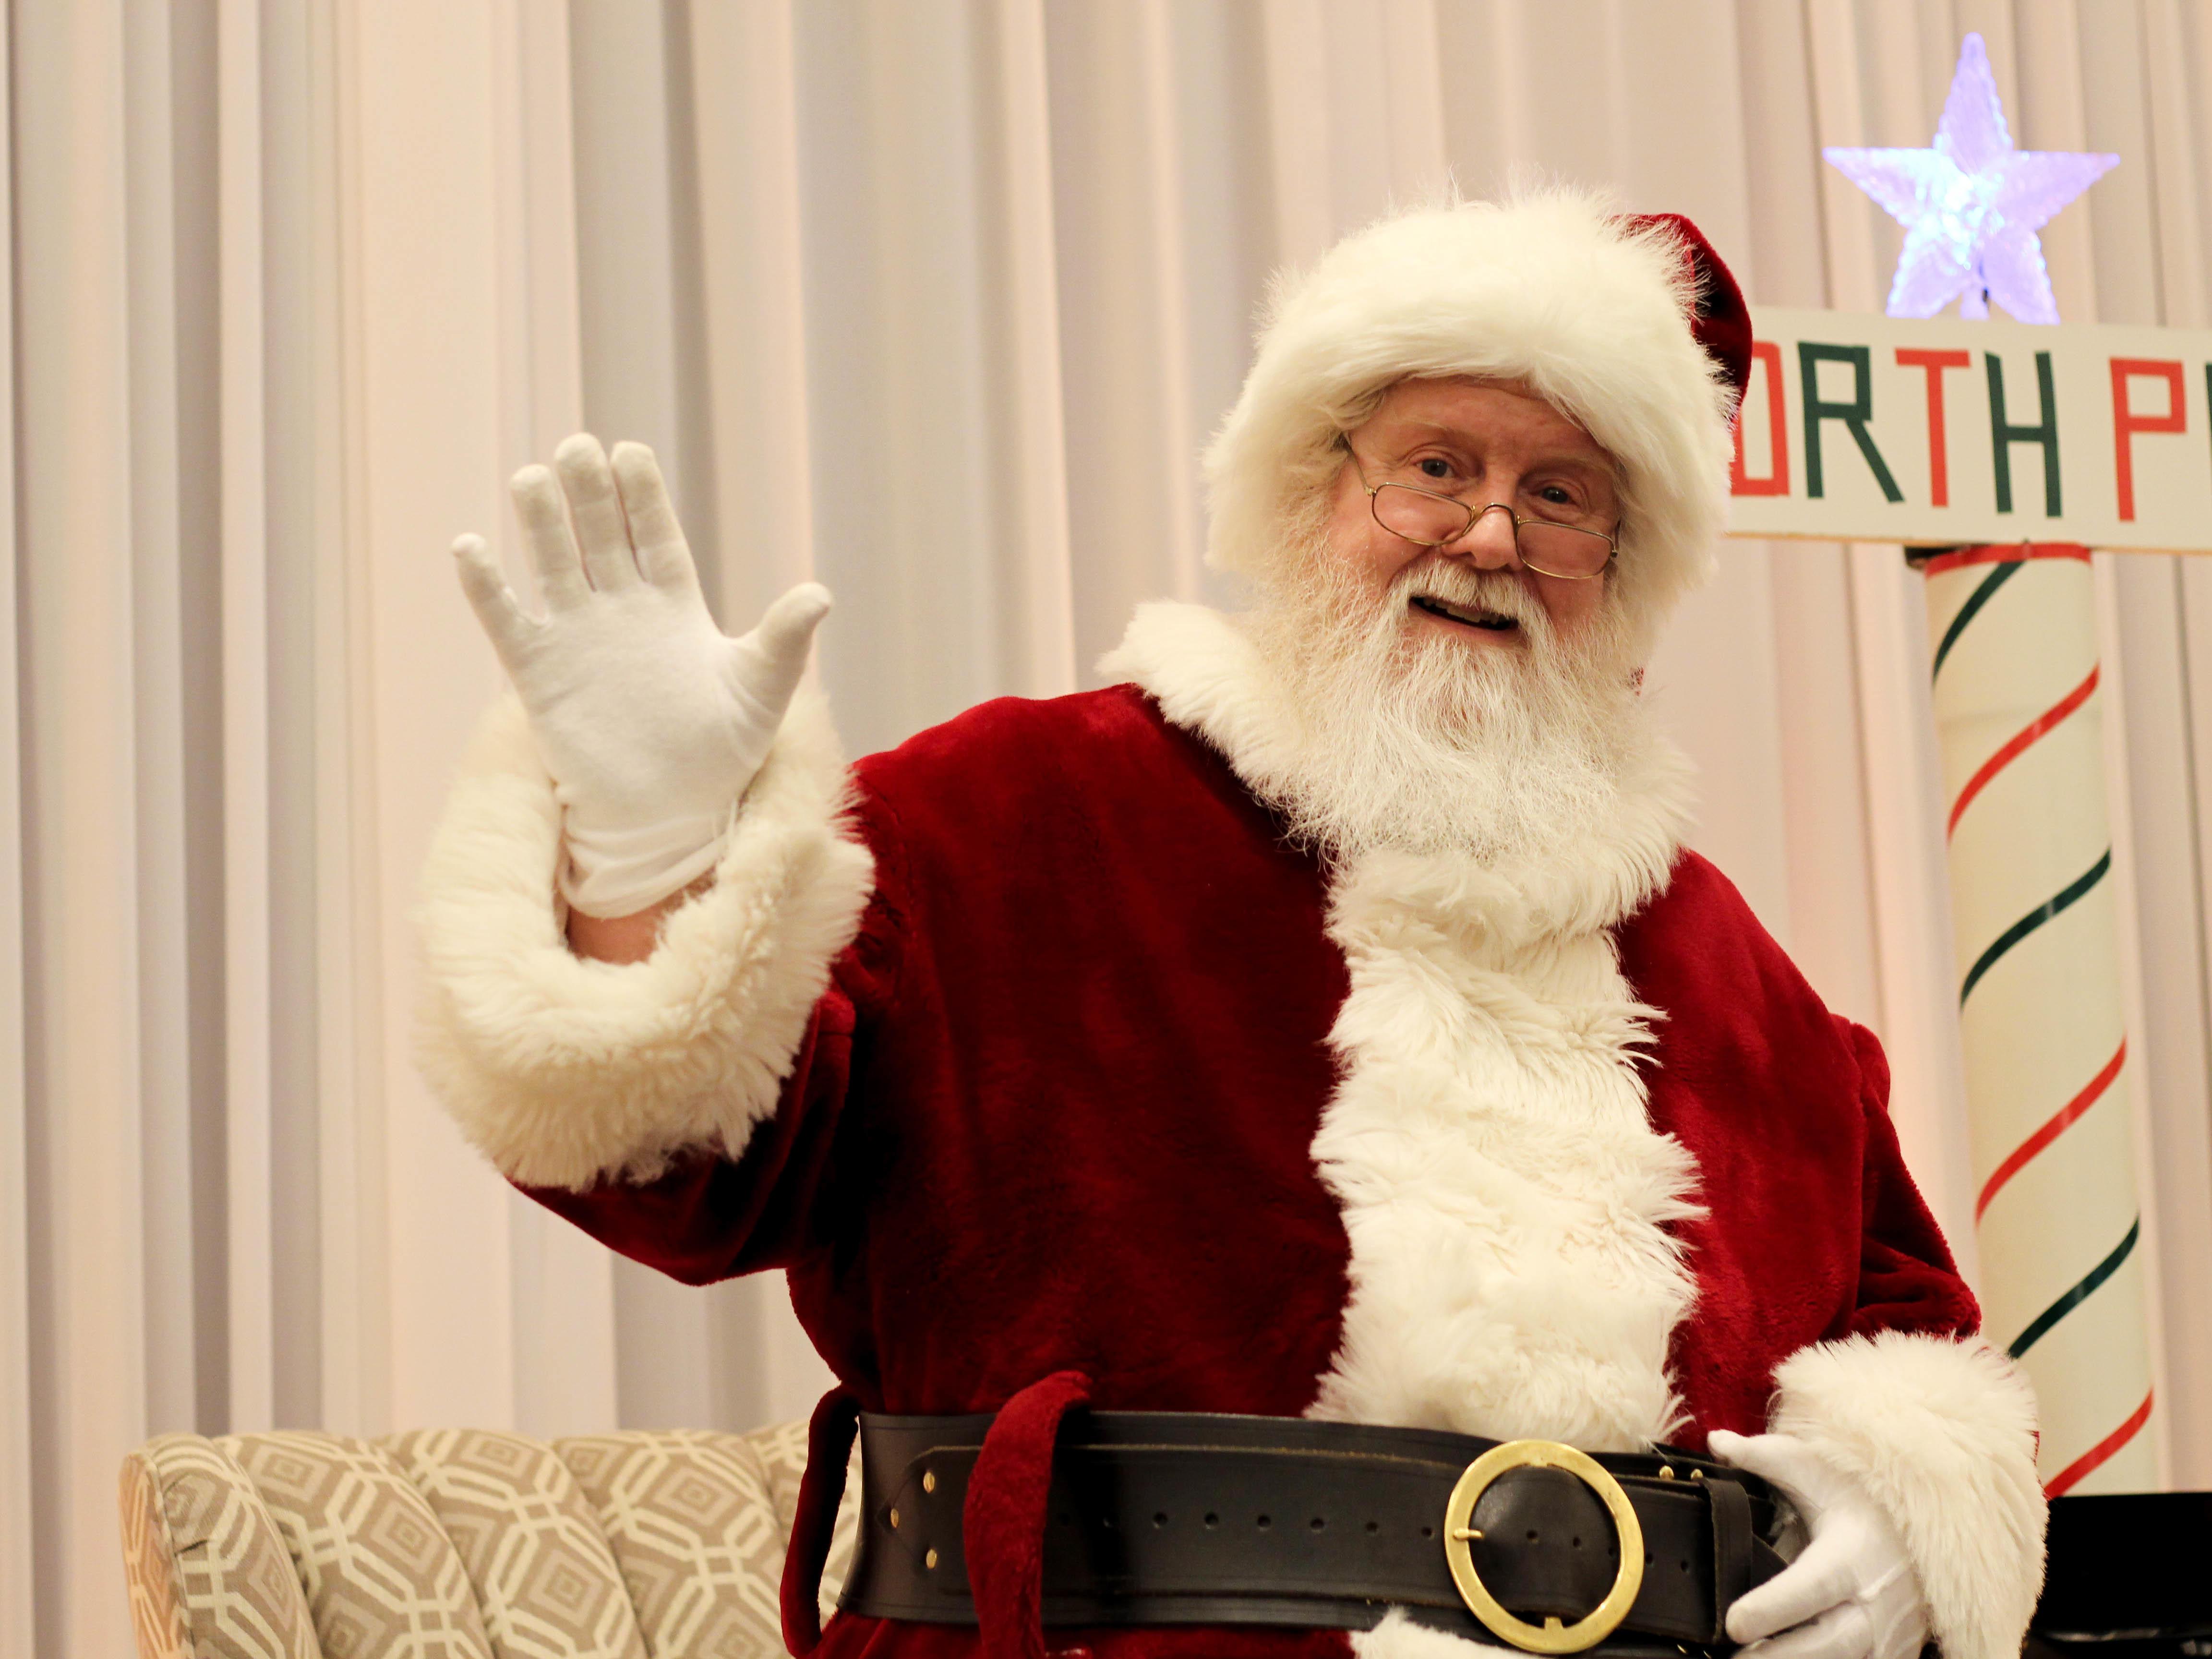 santa claus waving his hand